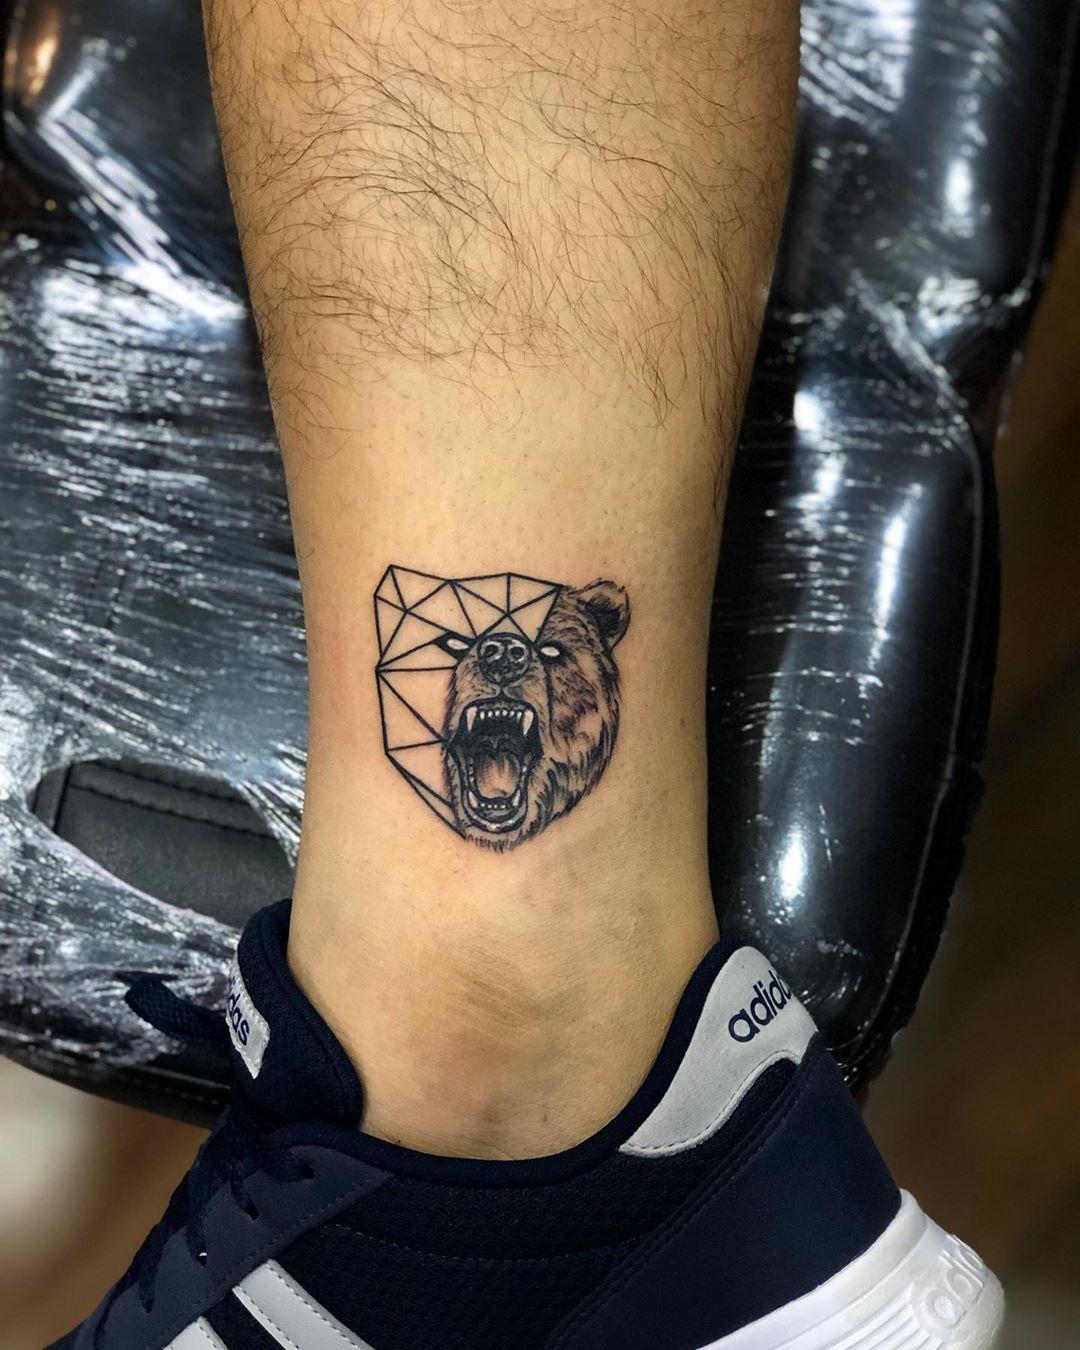 Mit tattoo frau bedeutung wolfskopf ▷ 1001